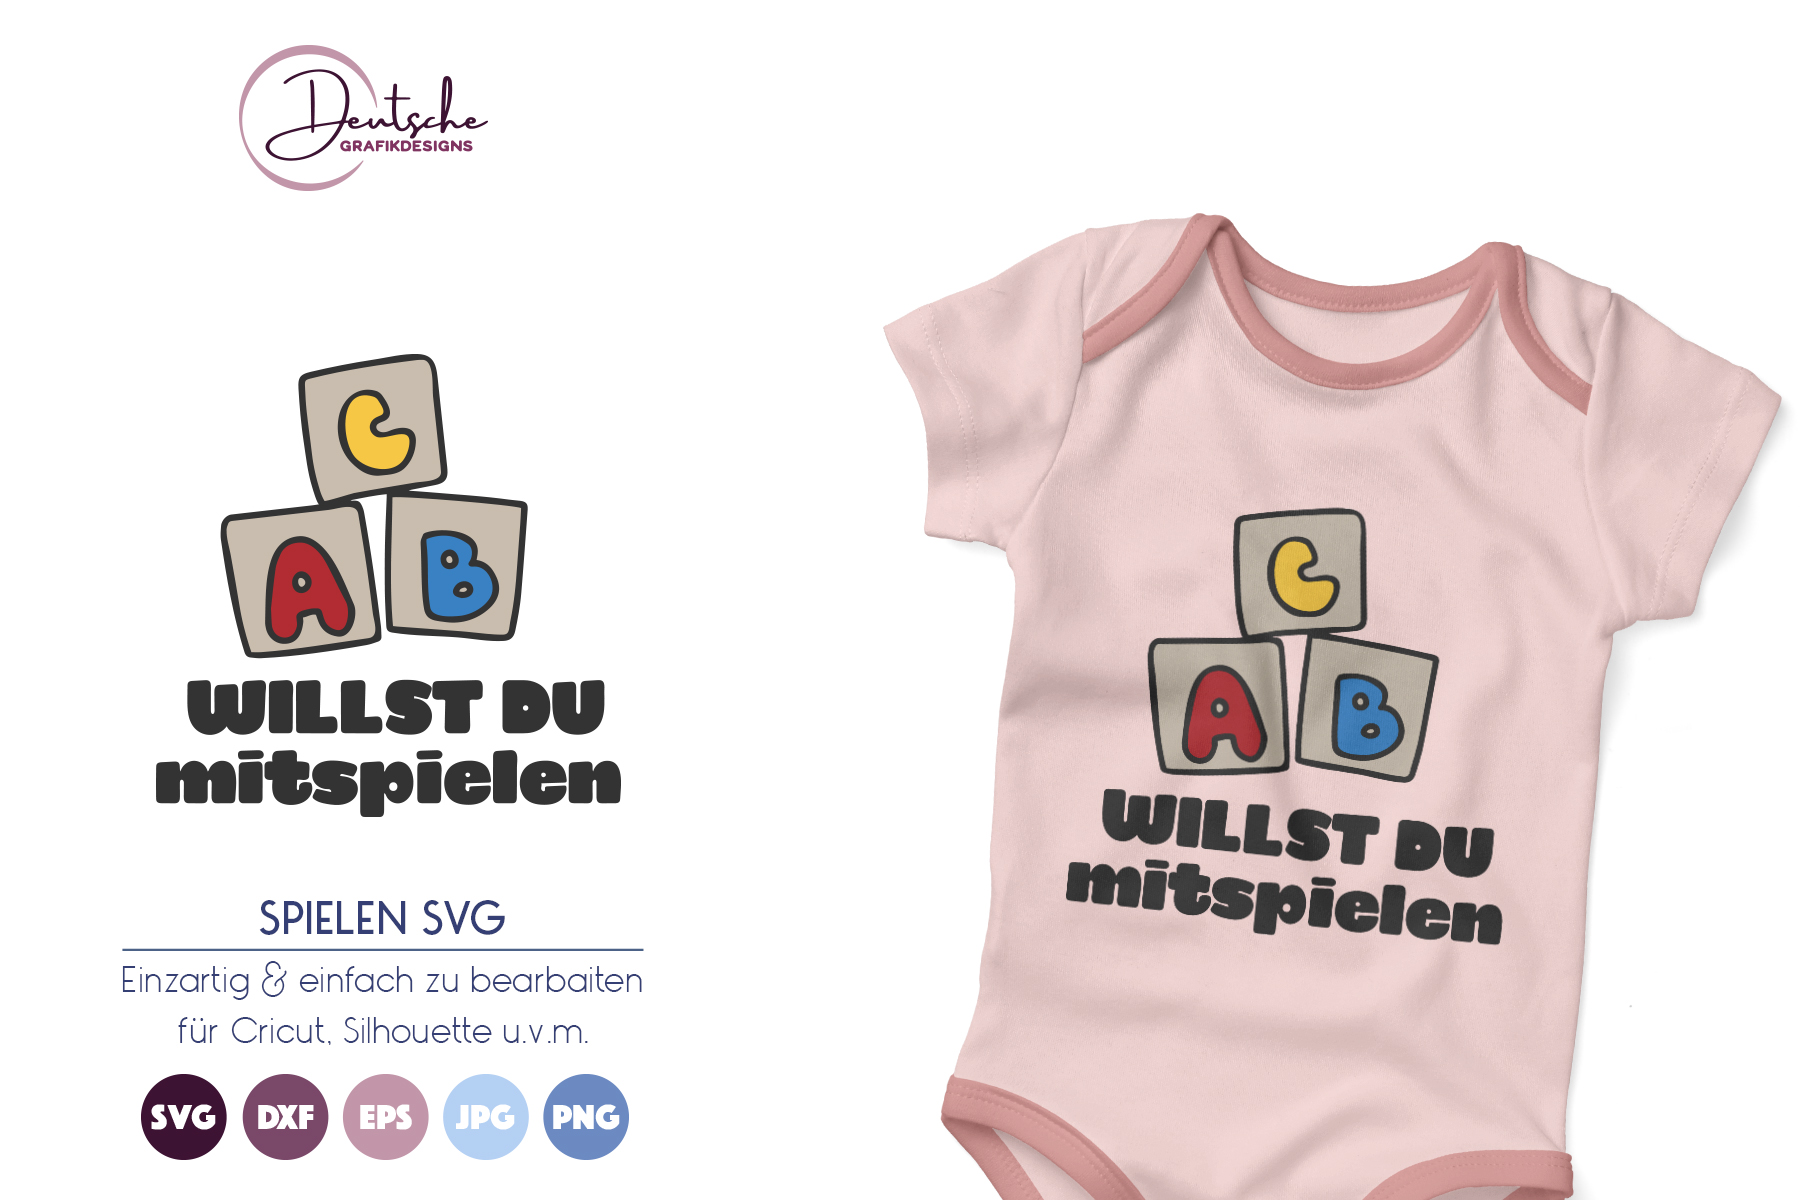 Kinder SVG | Willst Du mitspielen SVG example image 1